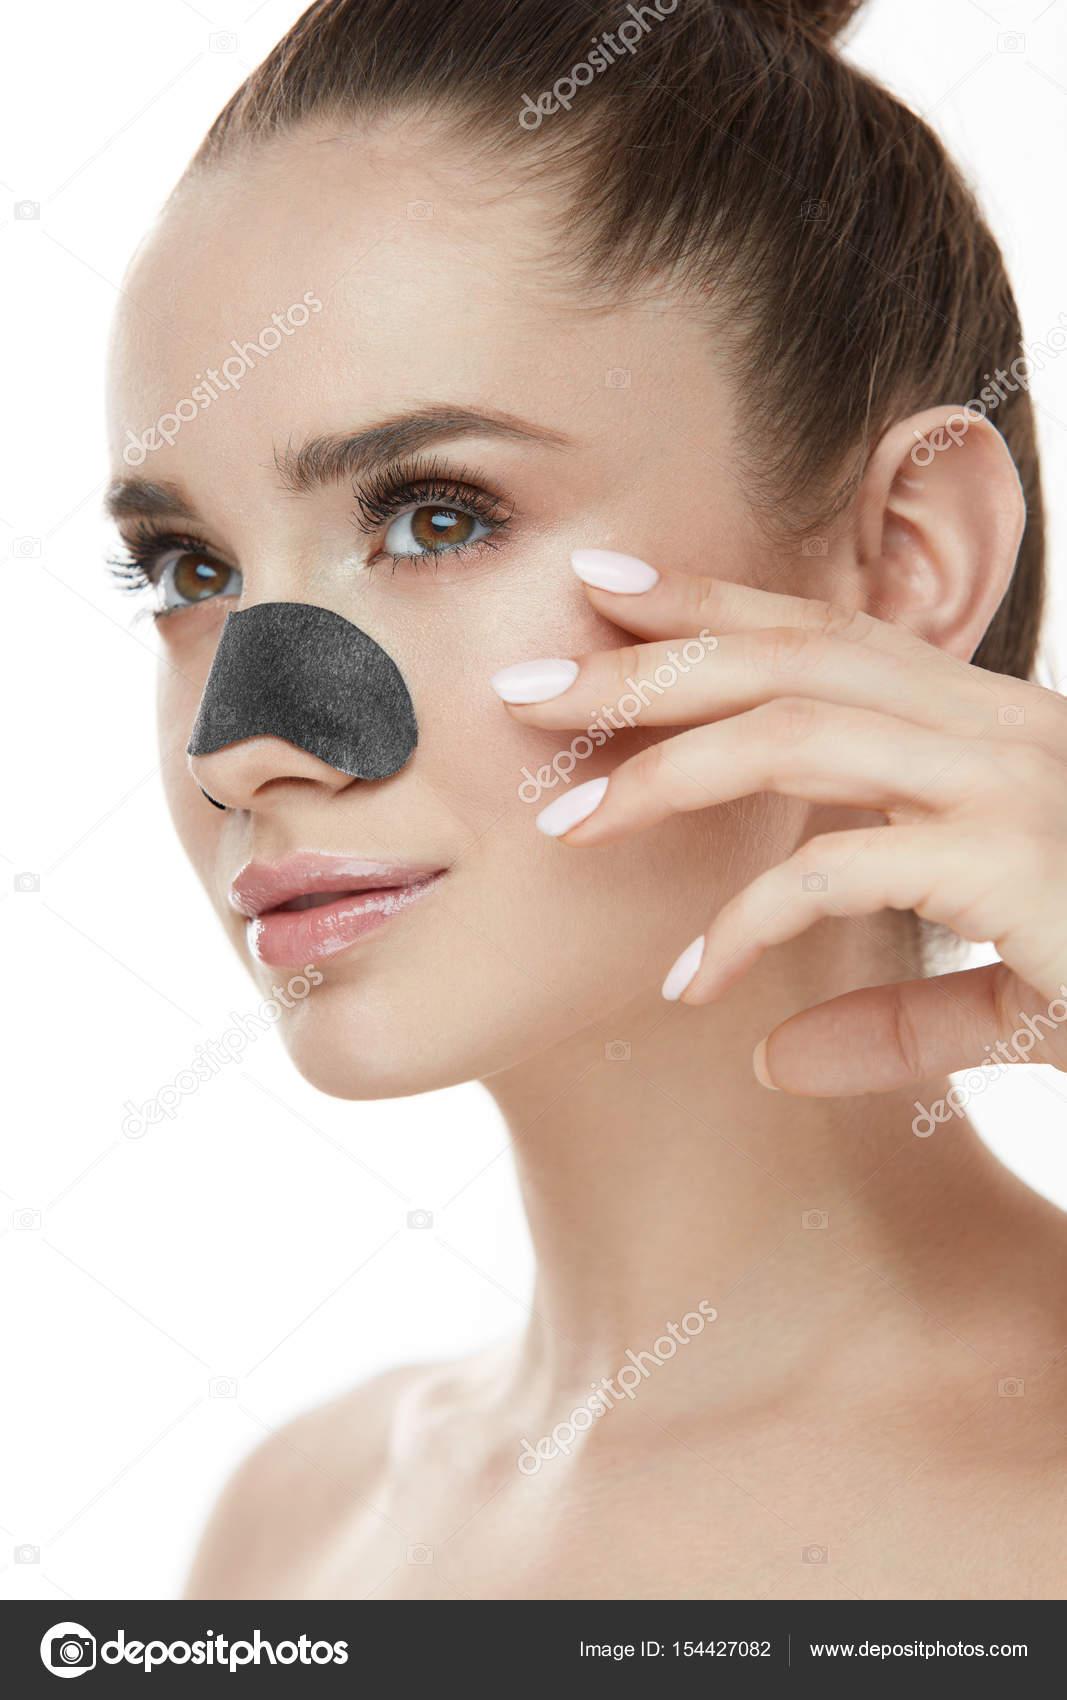 Depo facial masks